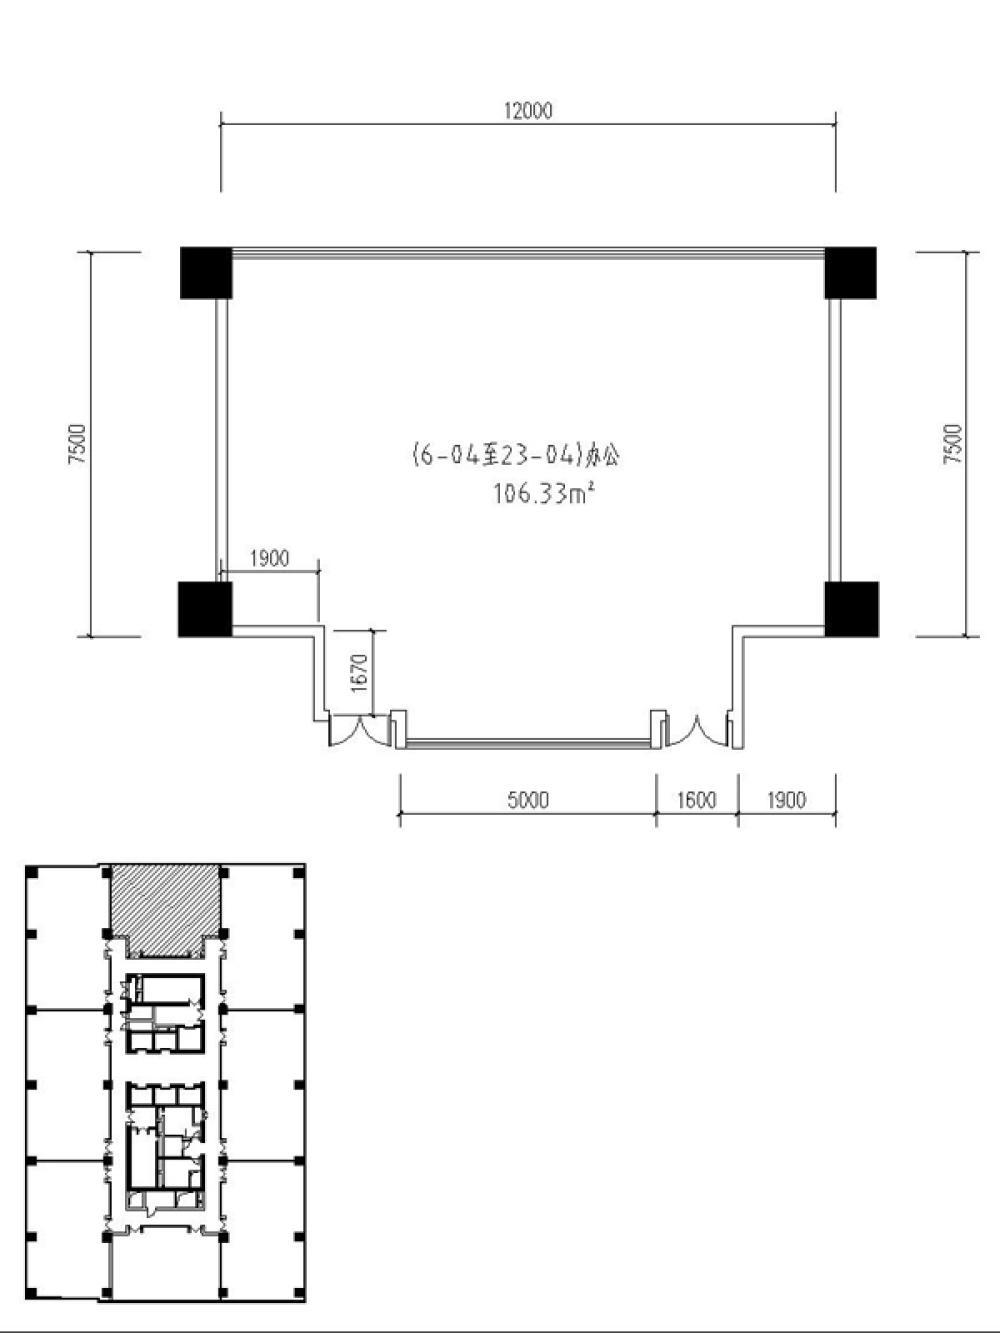 兰基国际公寓1室1卫户型图150.50㎡